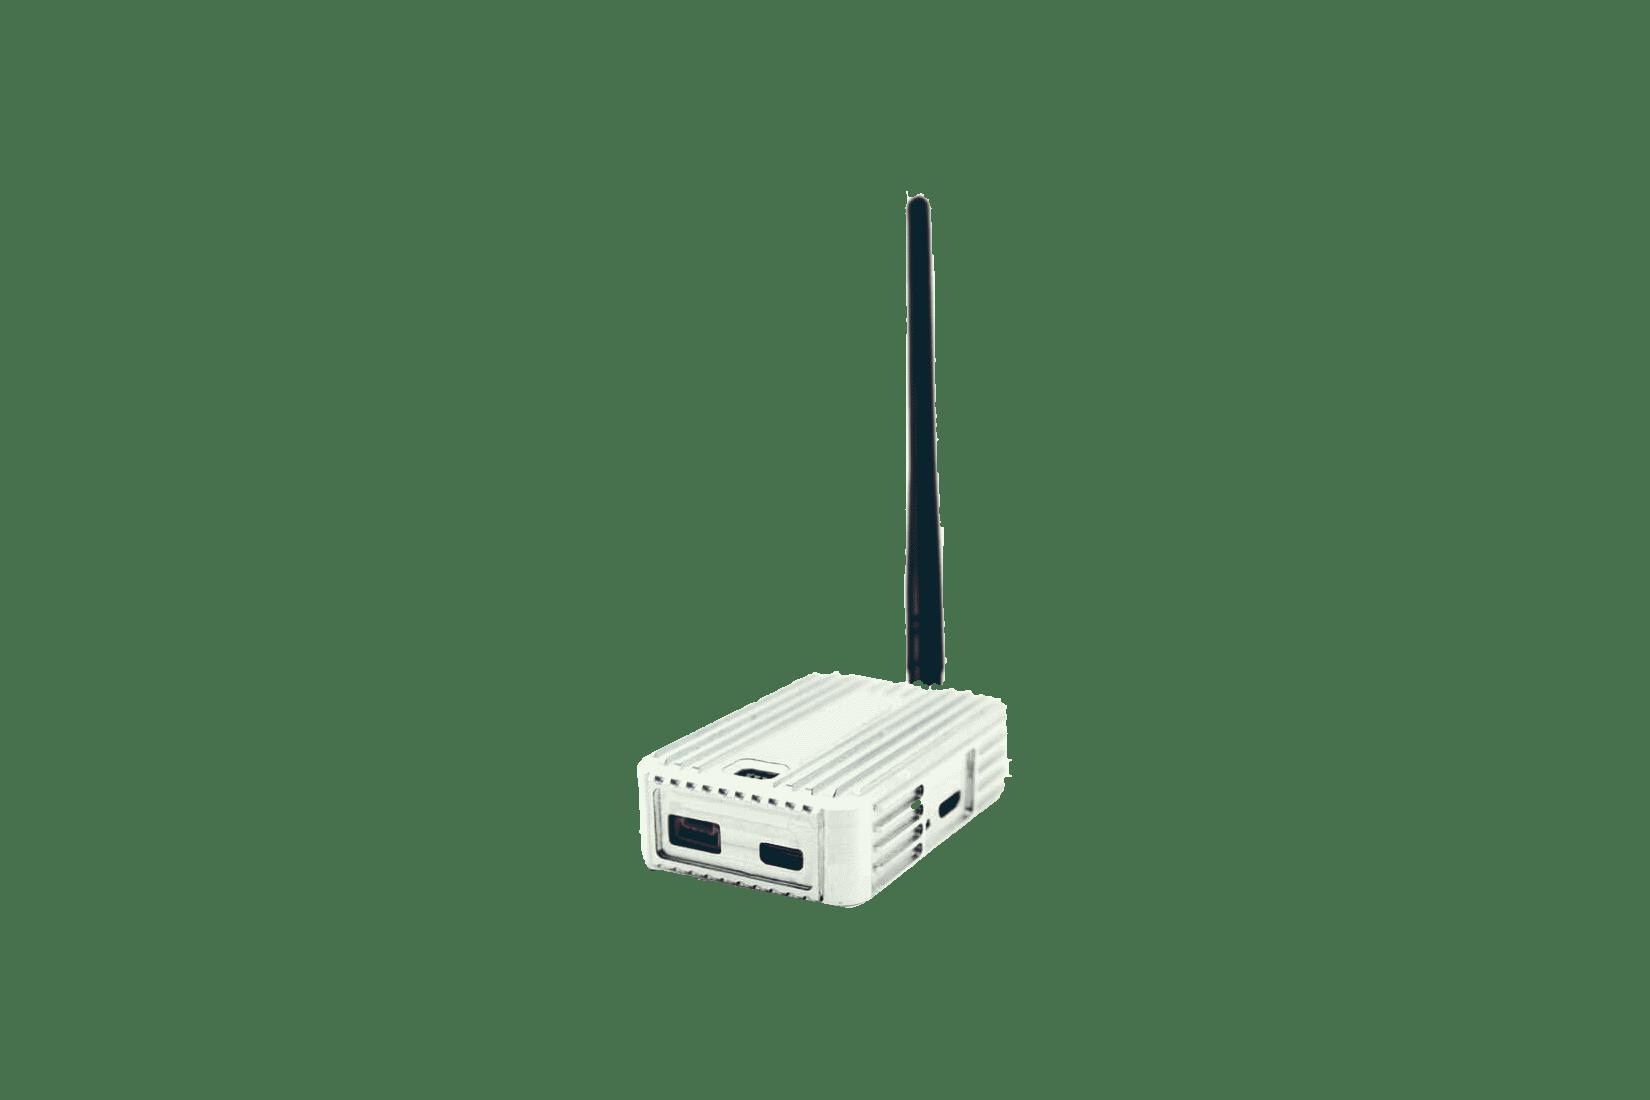 cofdm-901t-bg